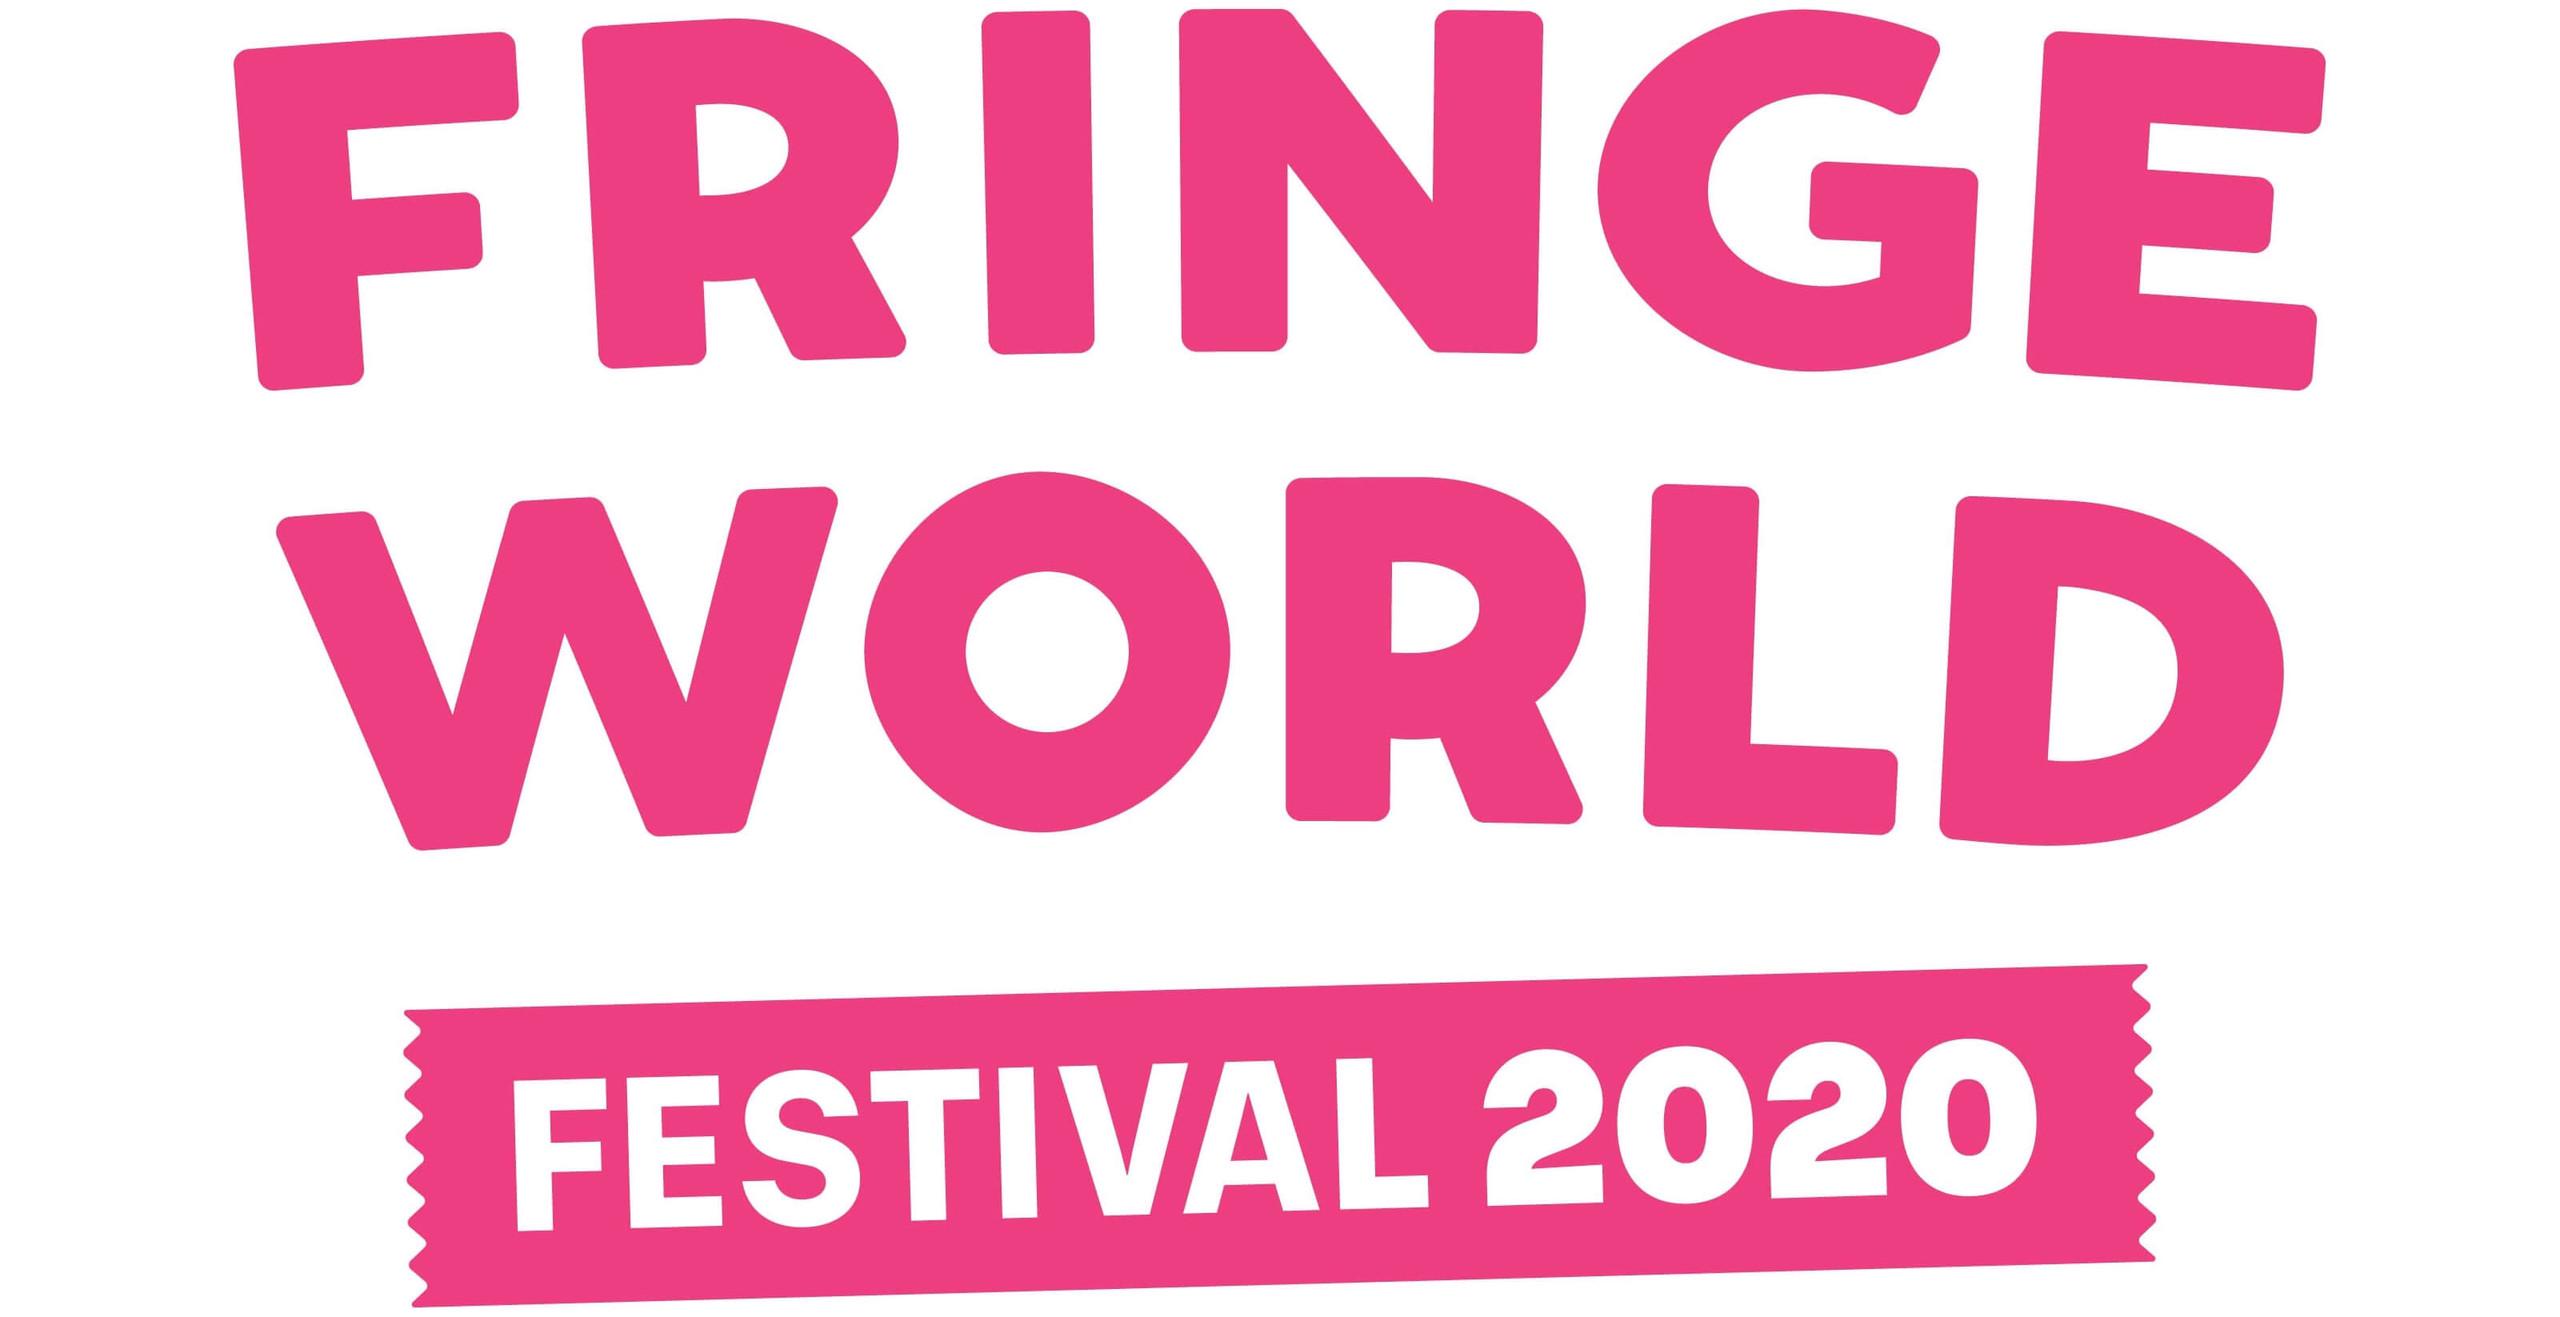 FRINGE WORLD 2020